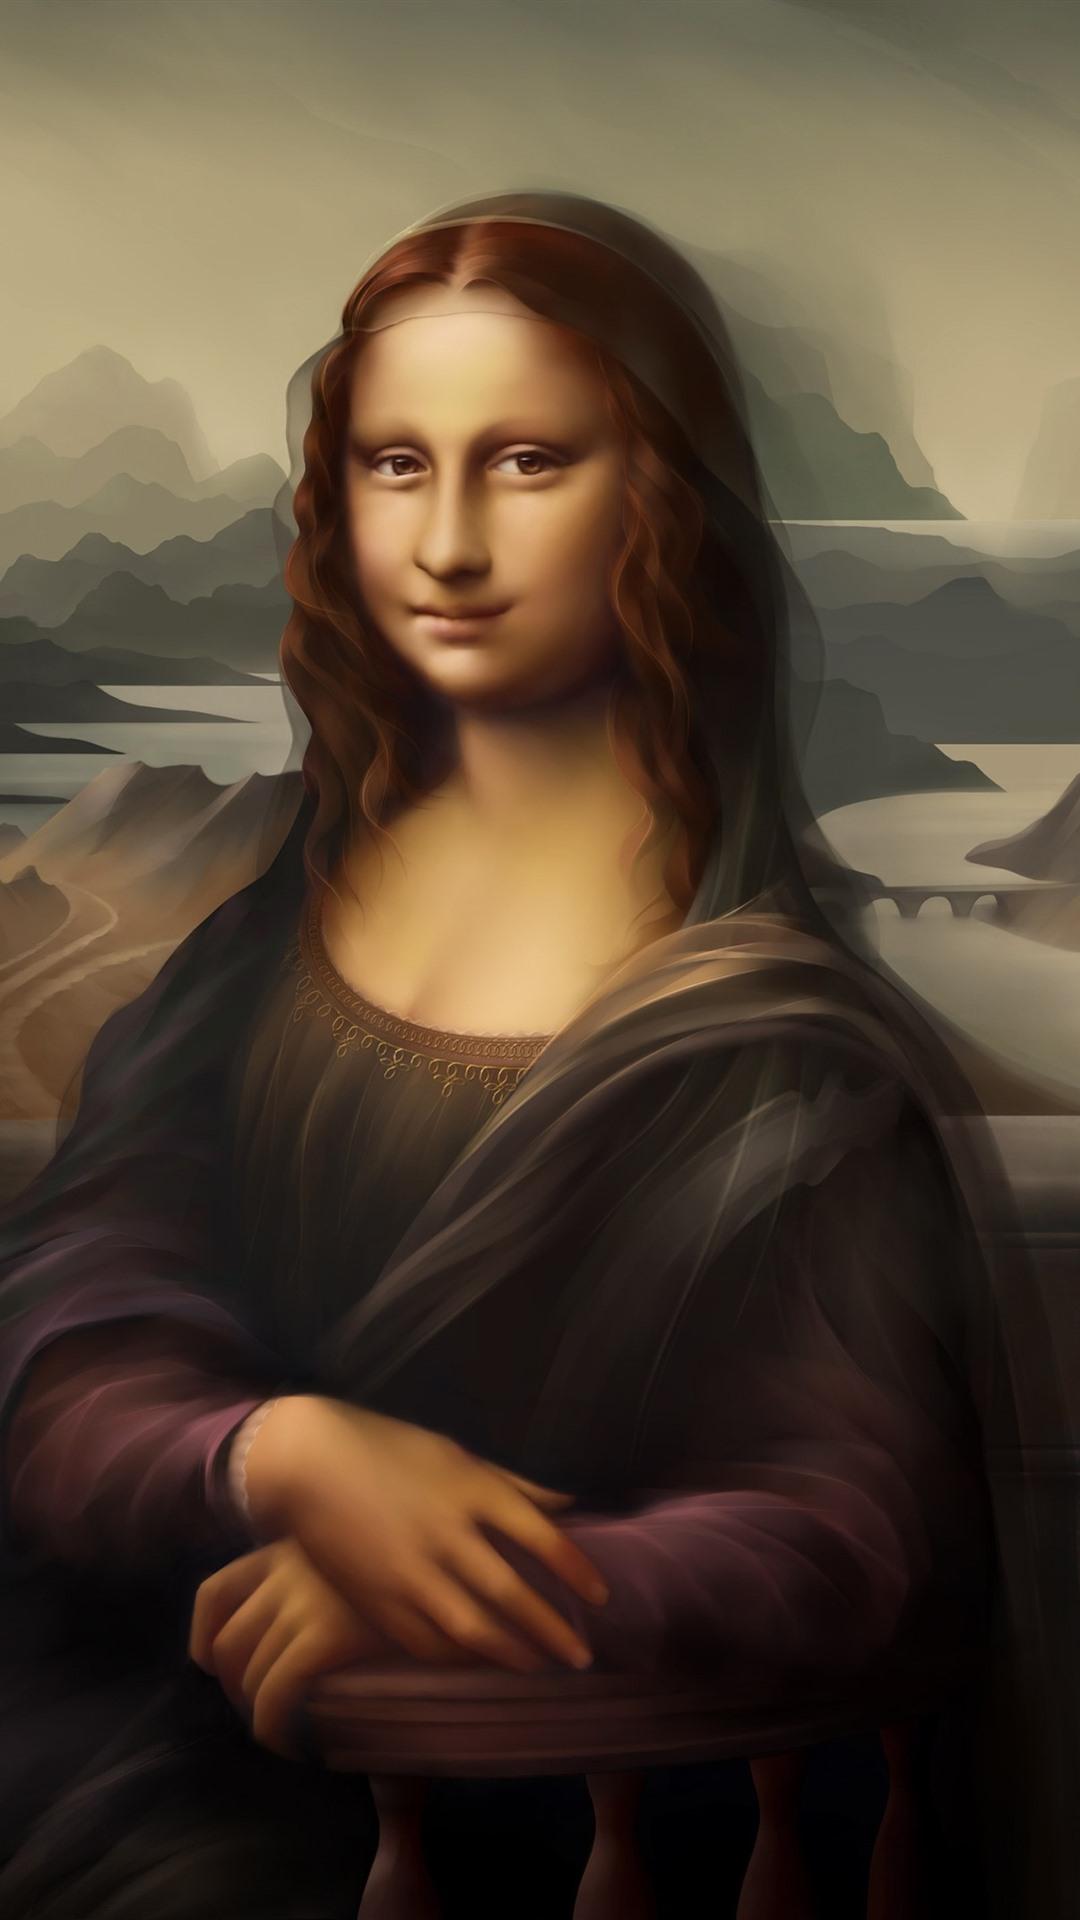 壁紙 モナリザ 笑顔 デジタルアート写真 2880x1800 Hd 無料の